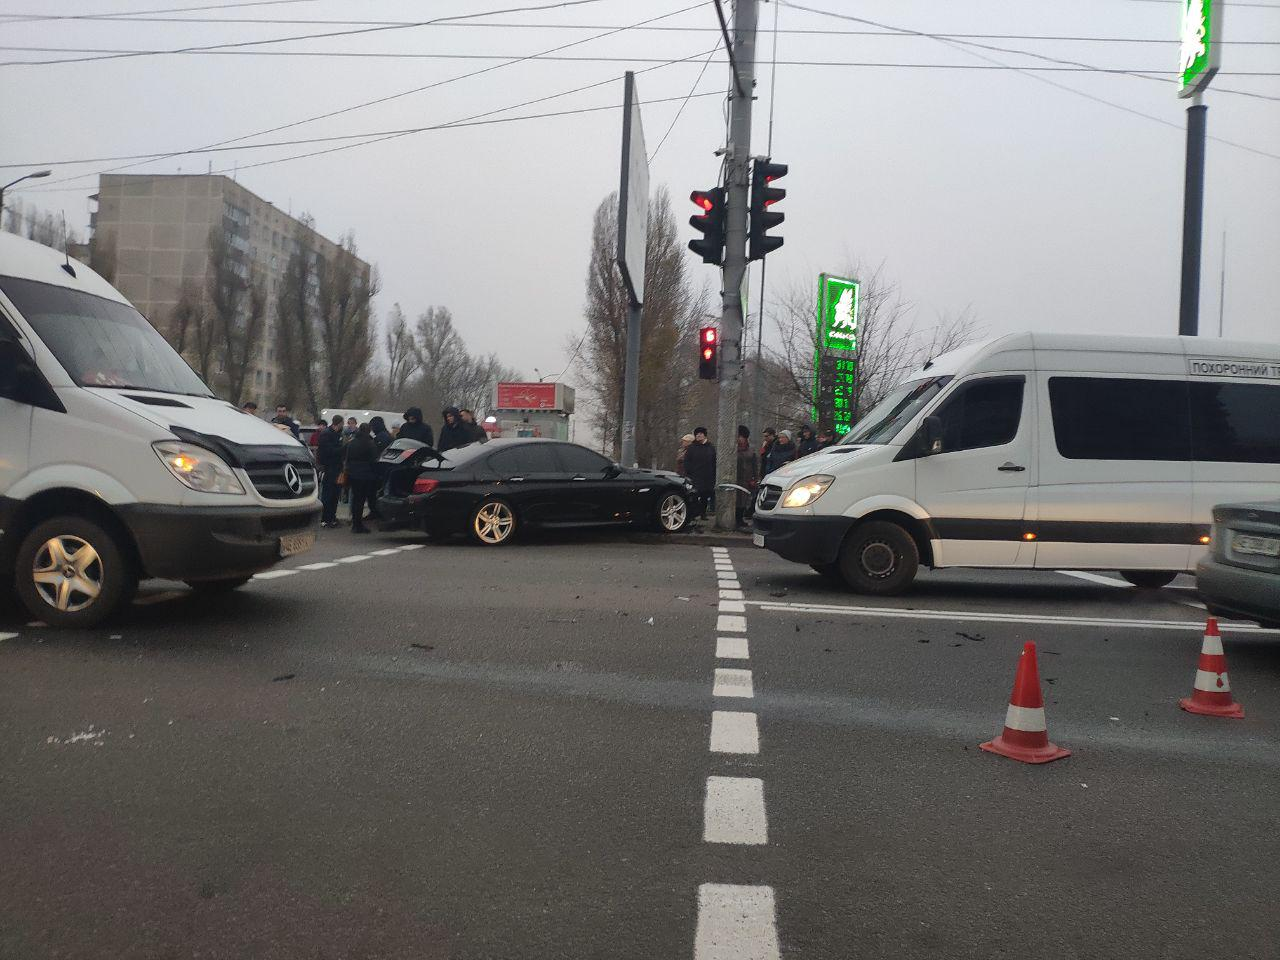 Серьезное ДТП в Днепре: от удара авто отбросило на тротуар с пешеходами. Новости Днепра